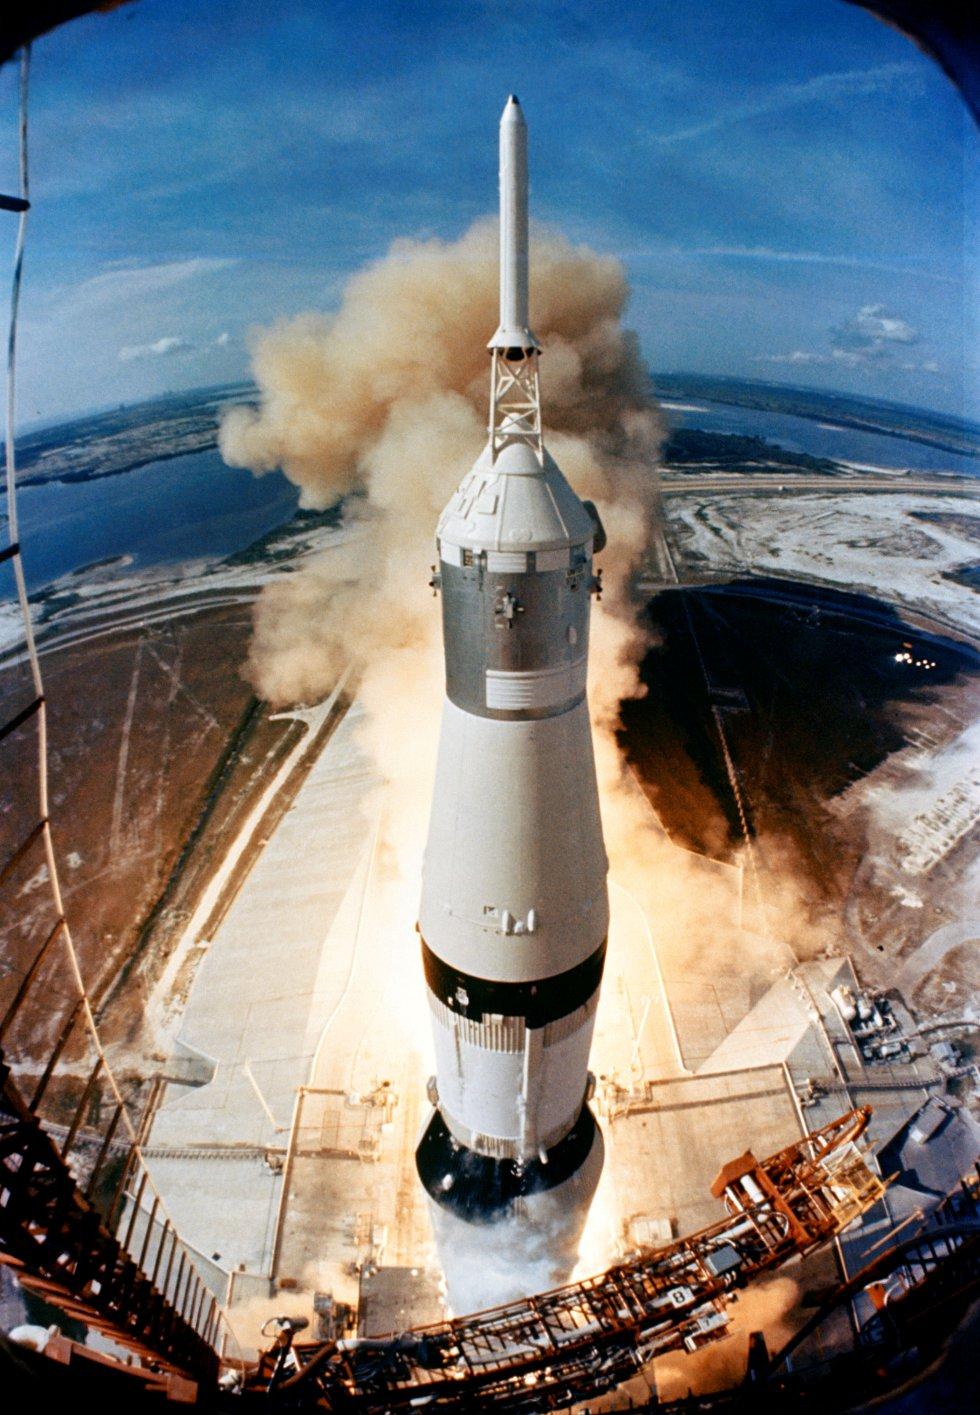 Momento del despegue del cohete Saturno V en la misión espacial Apolo 11 desde la base de Cabo Cañaveral, Florida, el 16 de julio de 1969.